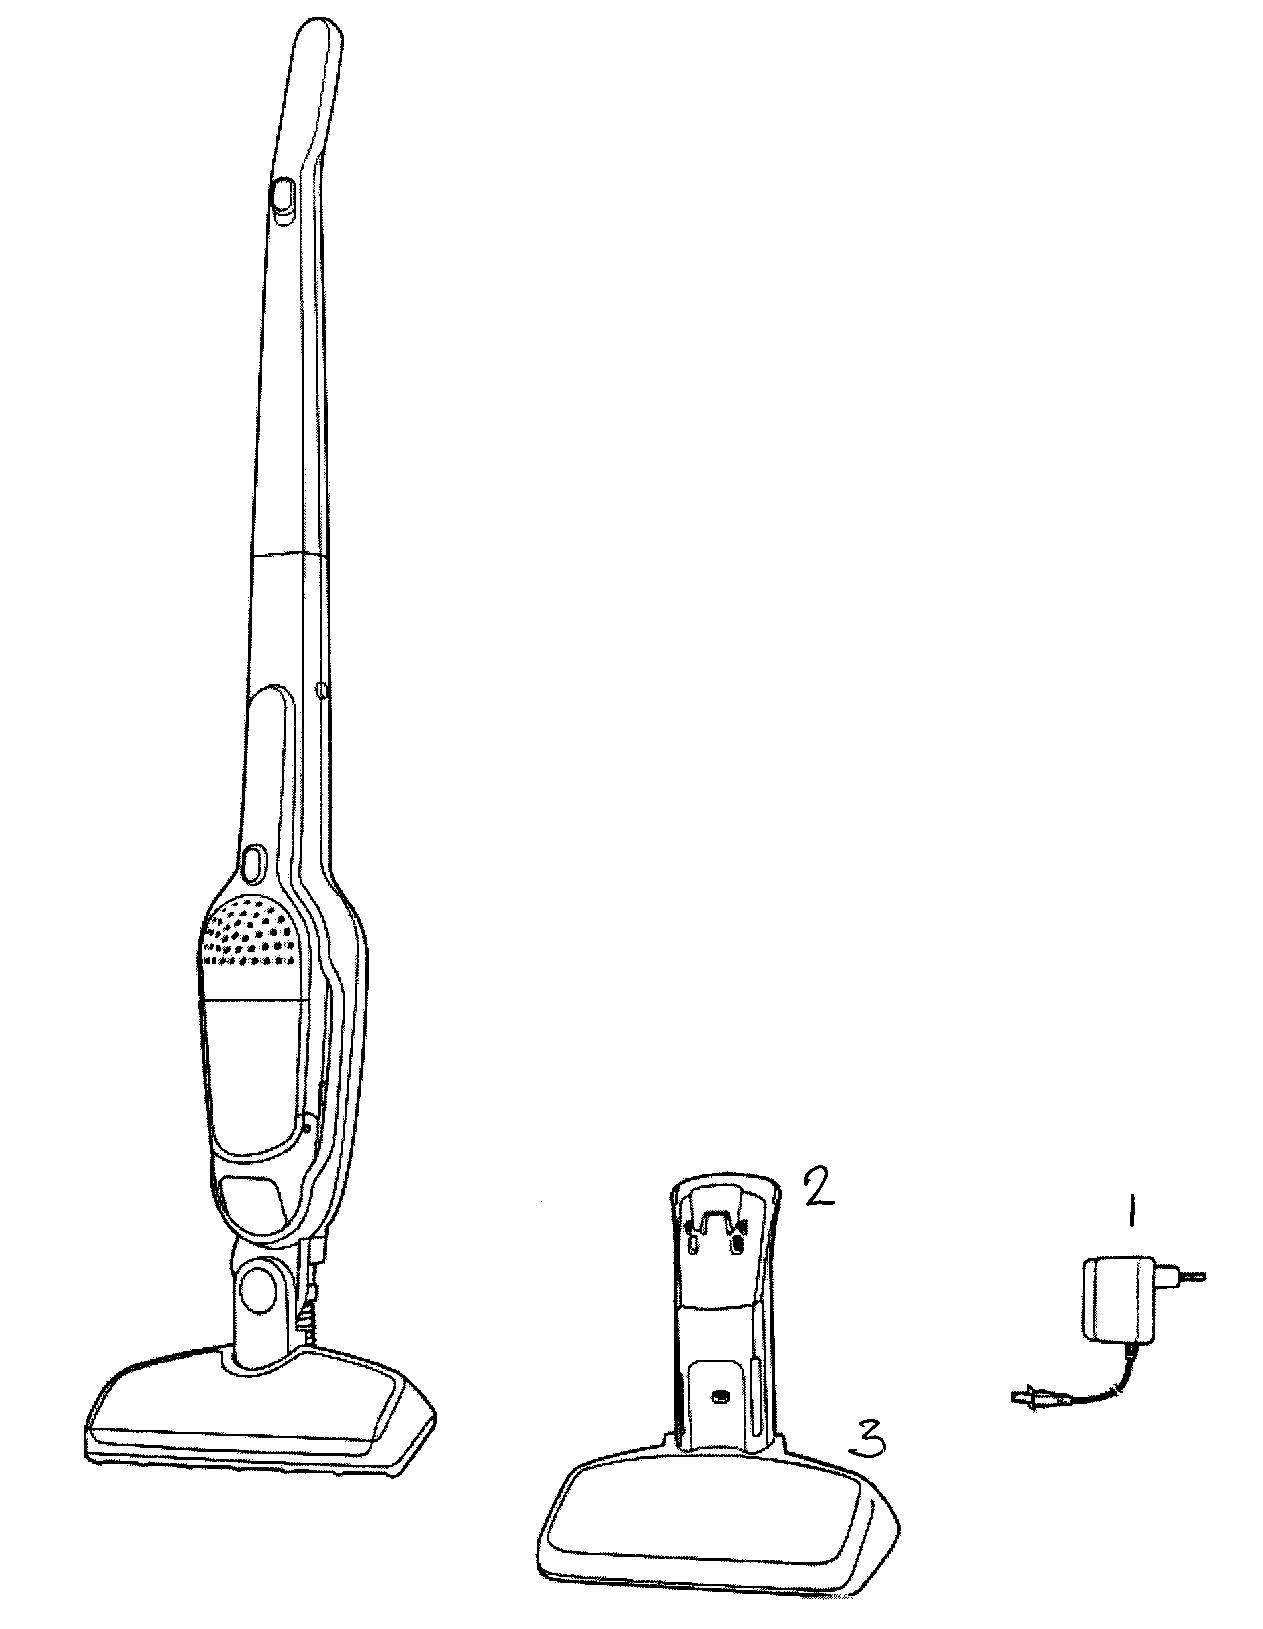 Vacuum Parts: Electrolux Vacuum Parts